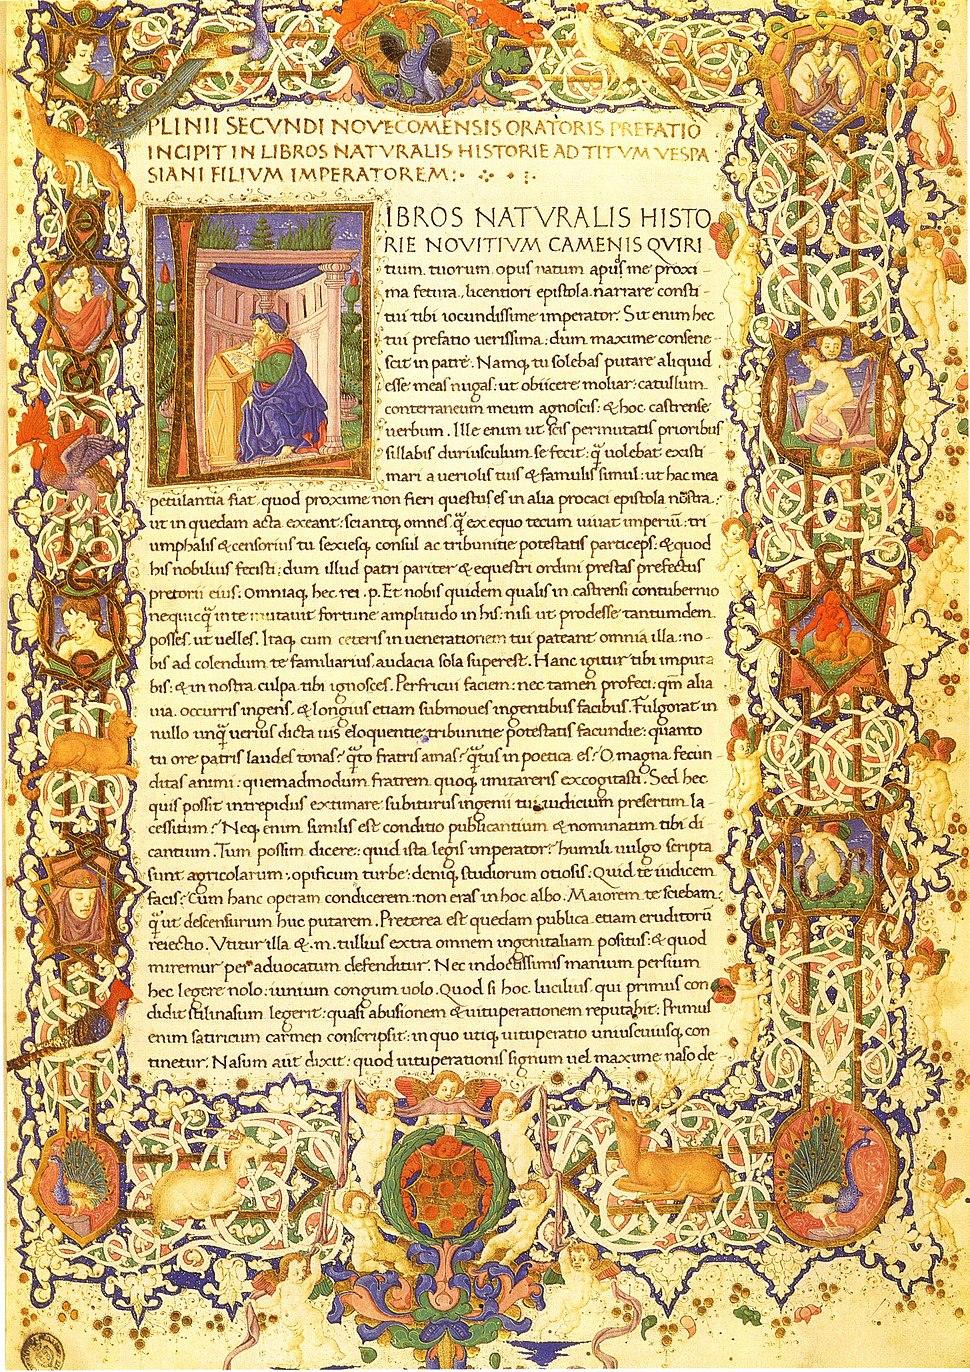 Pliny the Elder, Natural History, Florence, Plut. 82.4